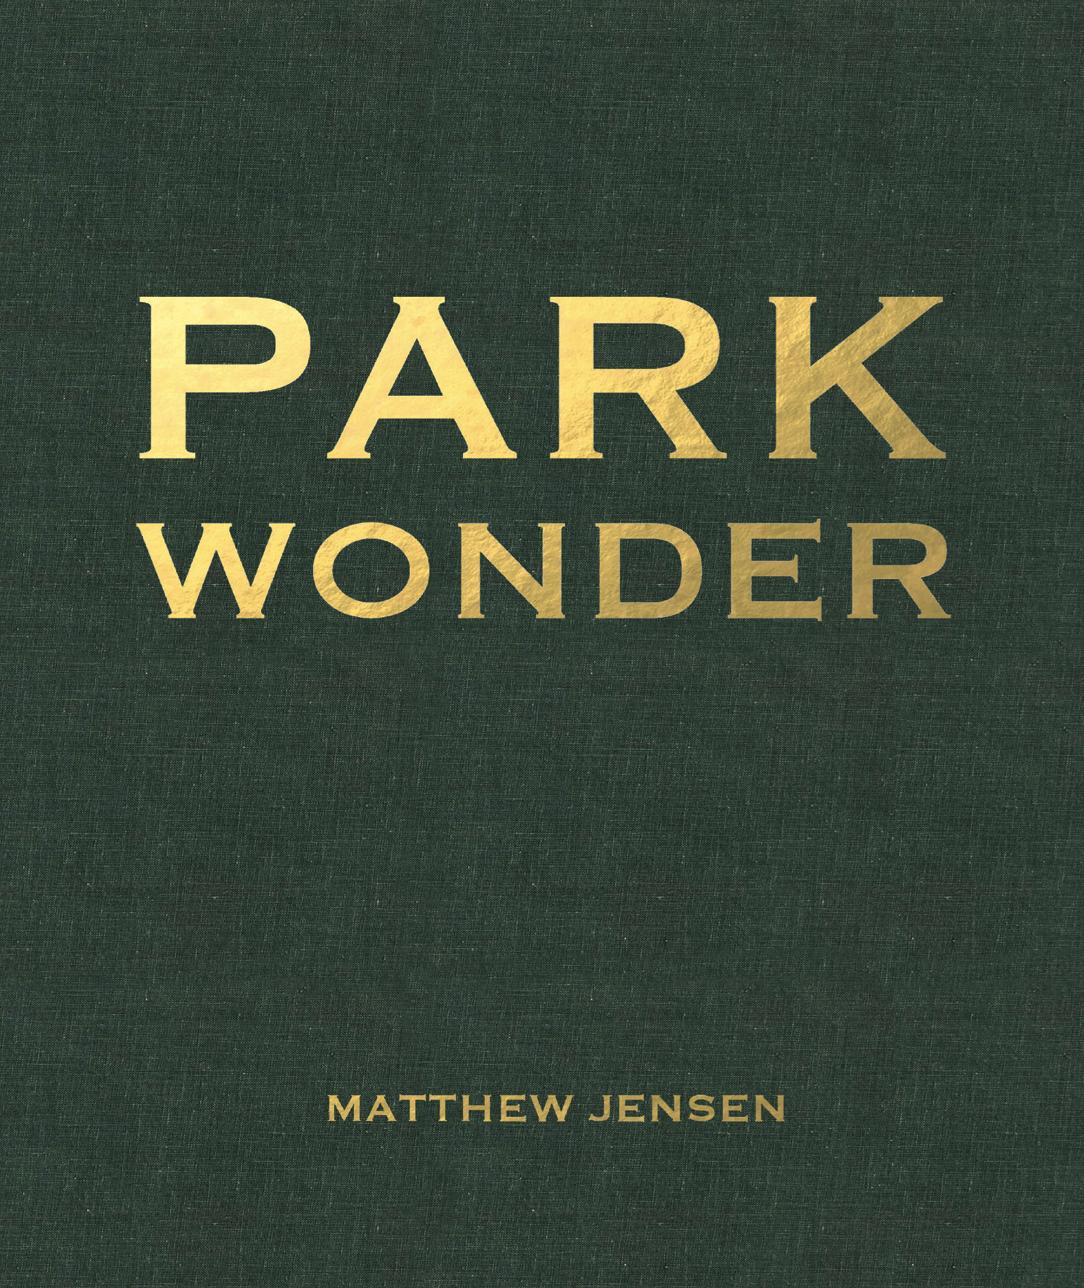 Park Wonder by Matthew Jensen